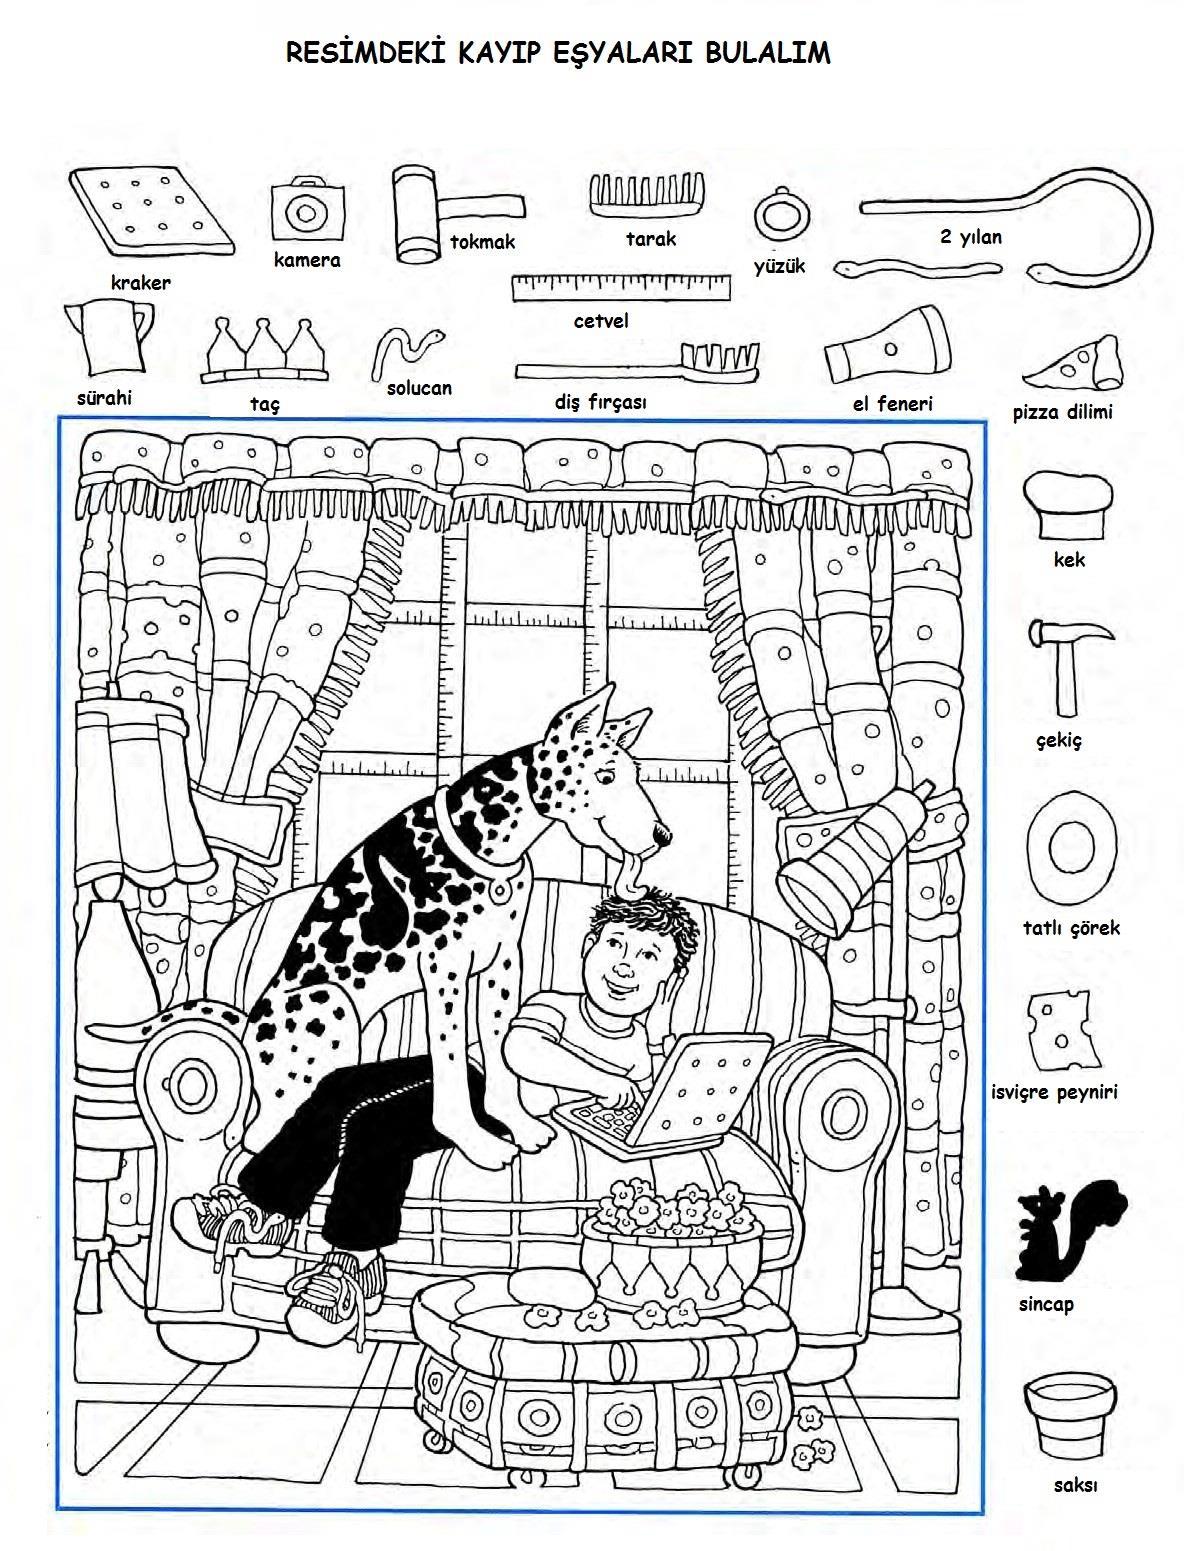 Image Result For Kayıp Eşya Bulma Etkinlikleri çizim Ve Boyama